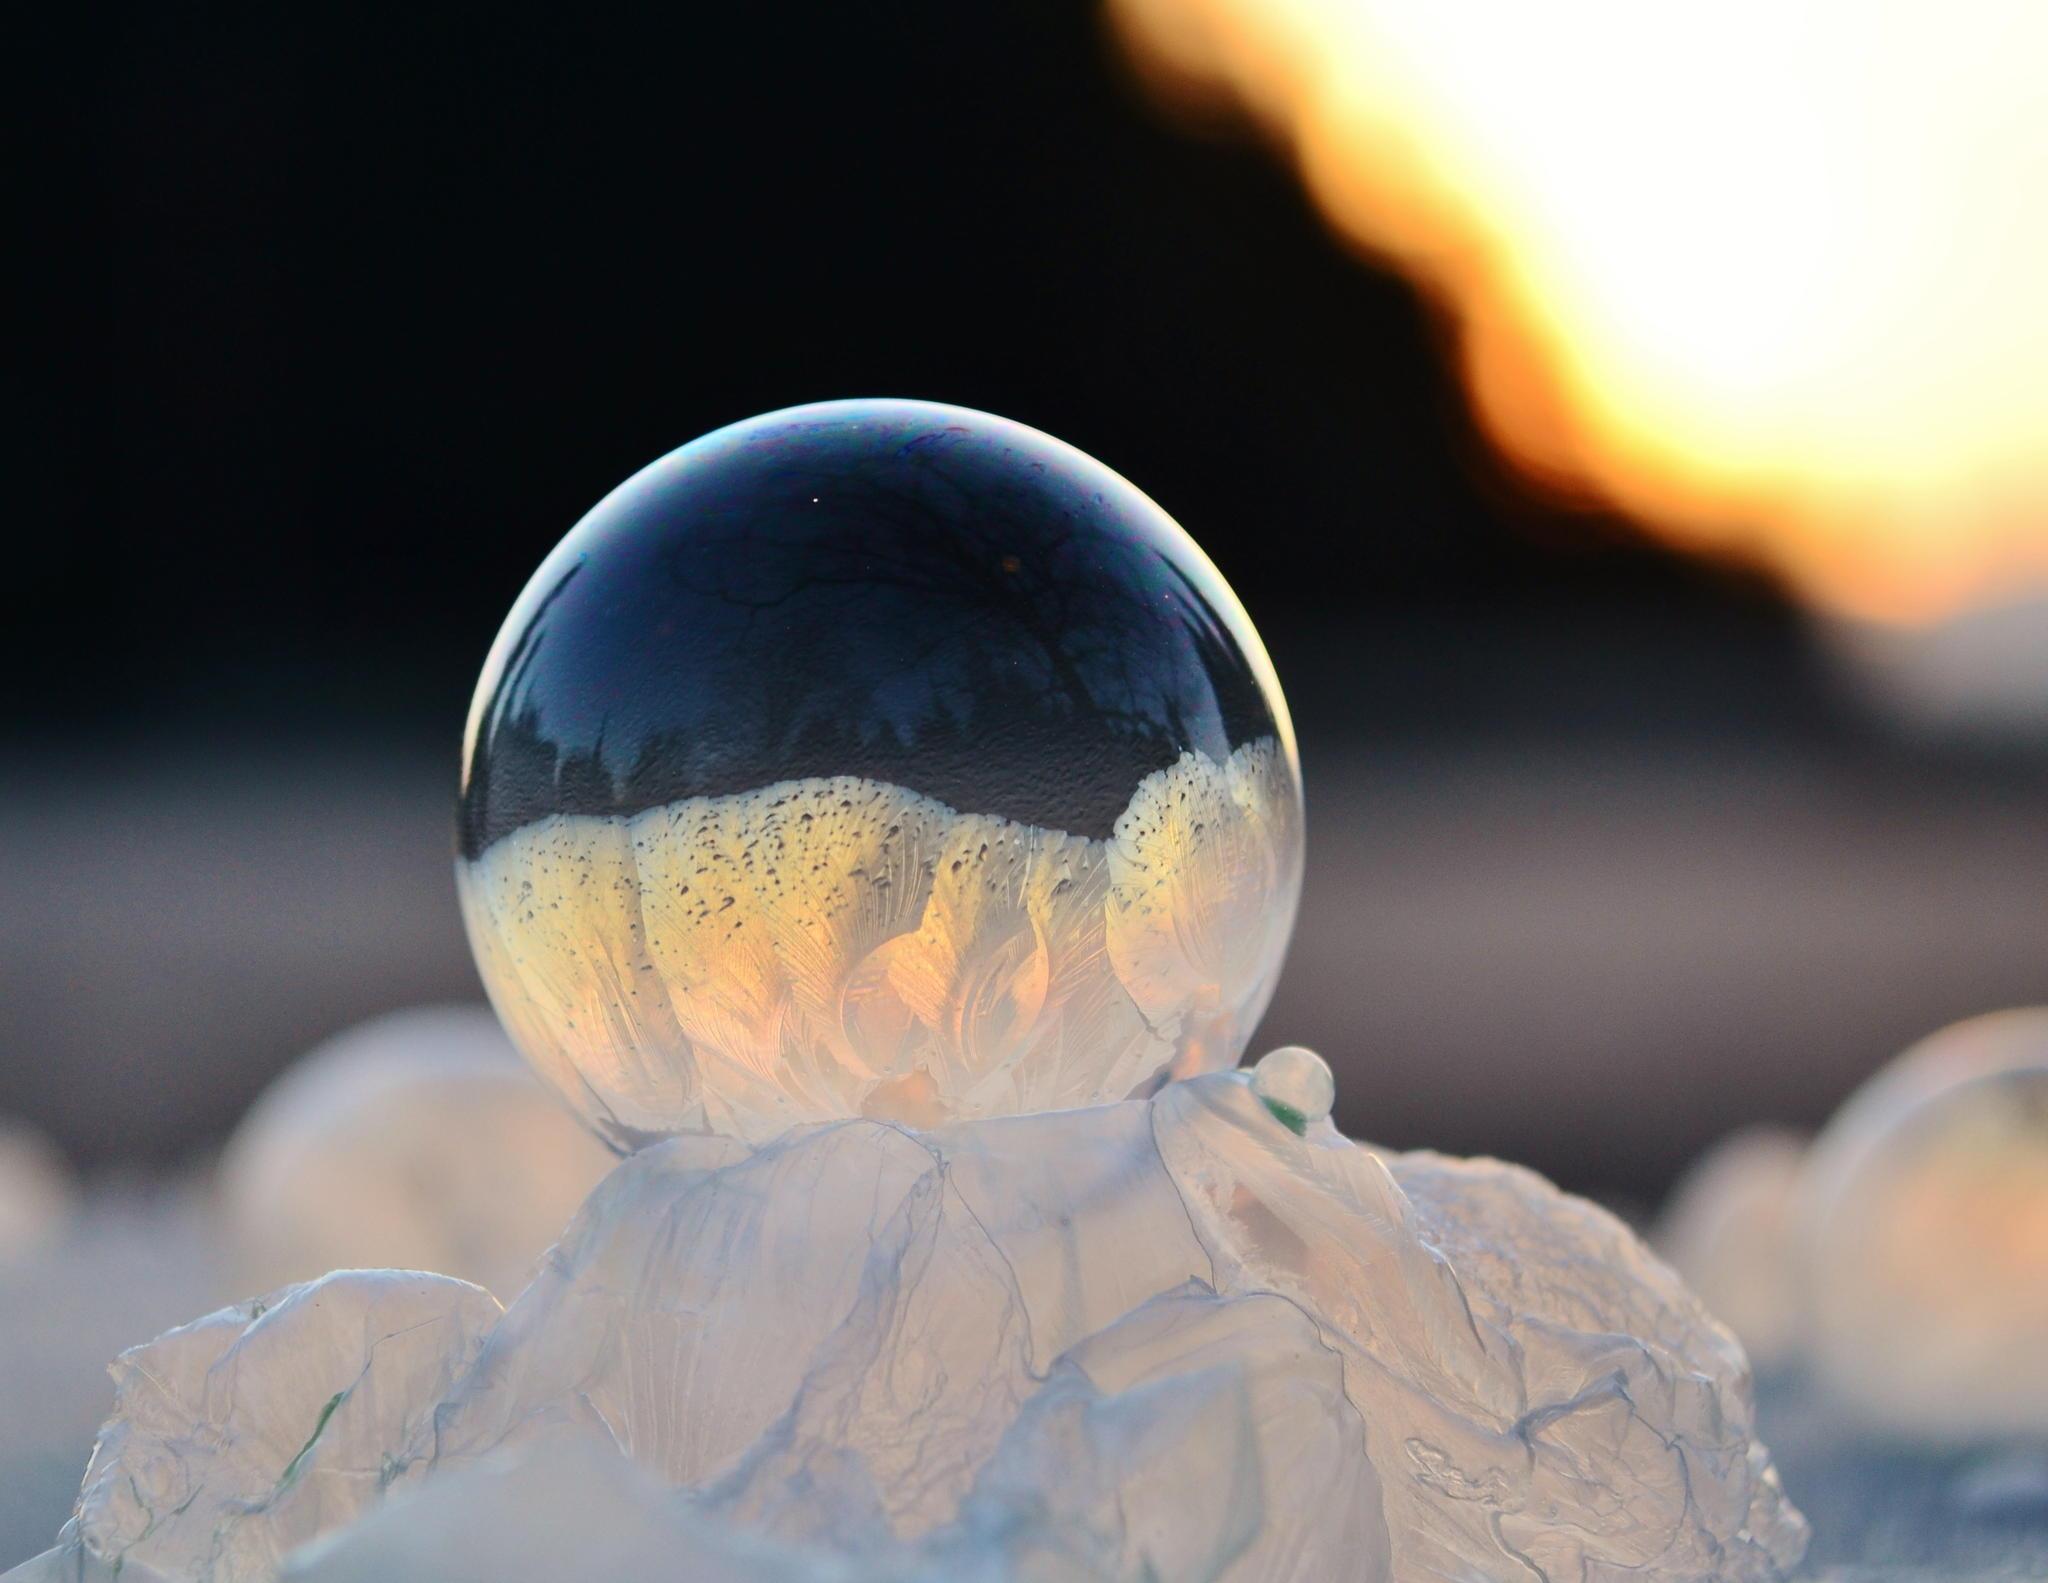 Zmrznjeni milni mehurčki